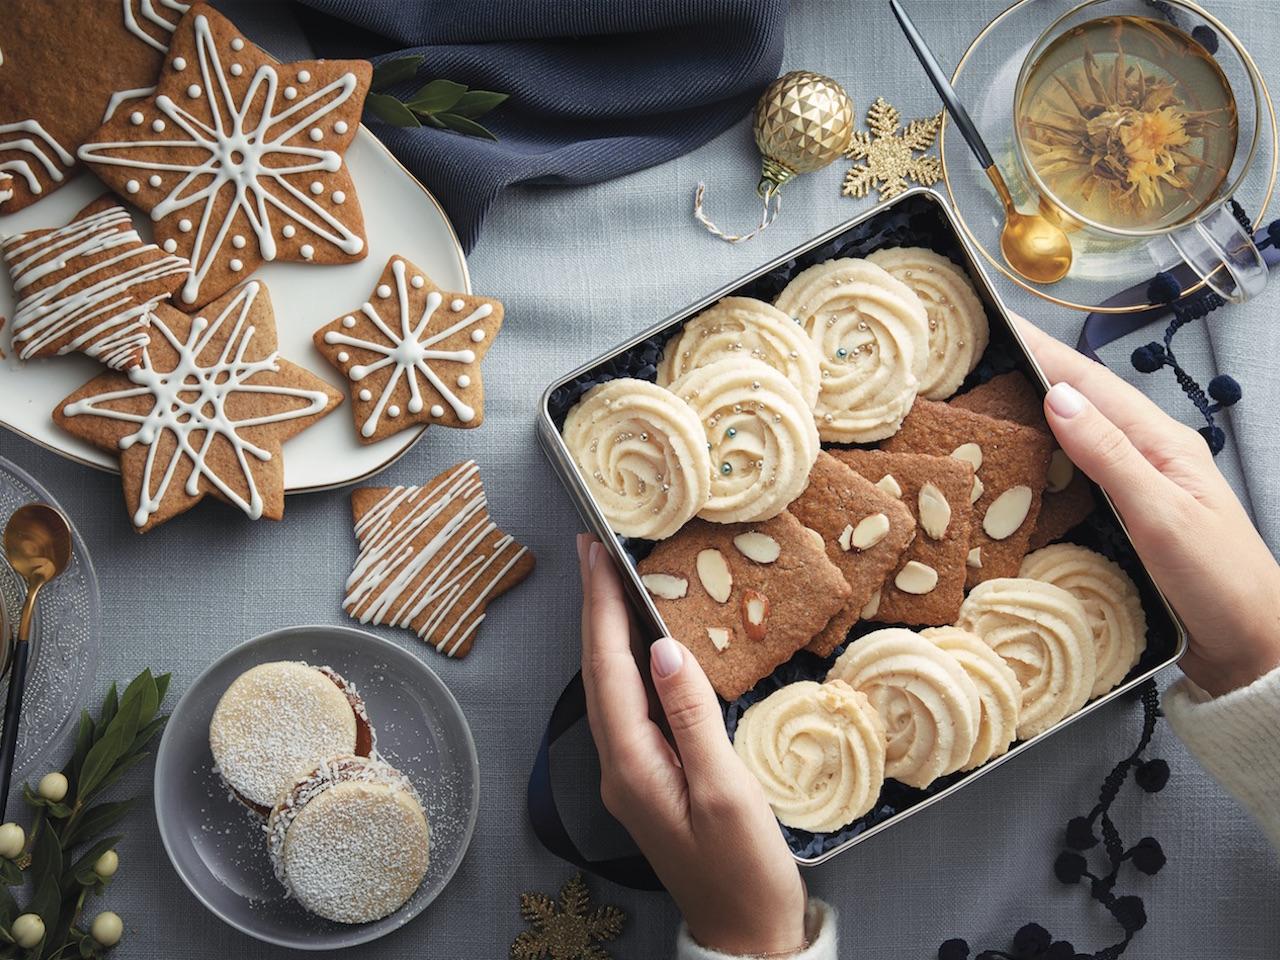 diétás karácsonyi menü